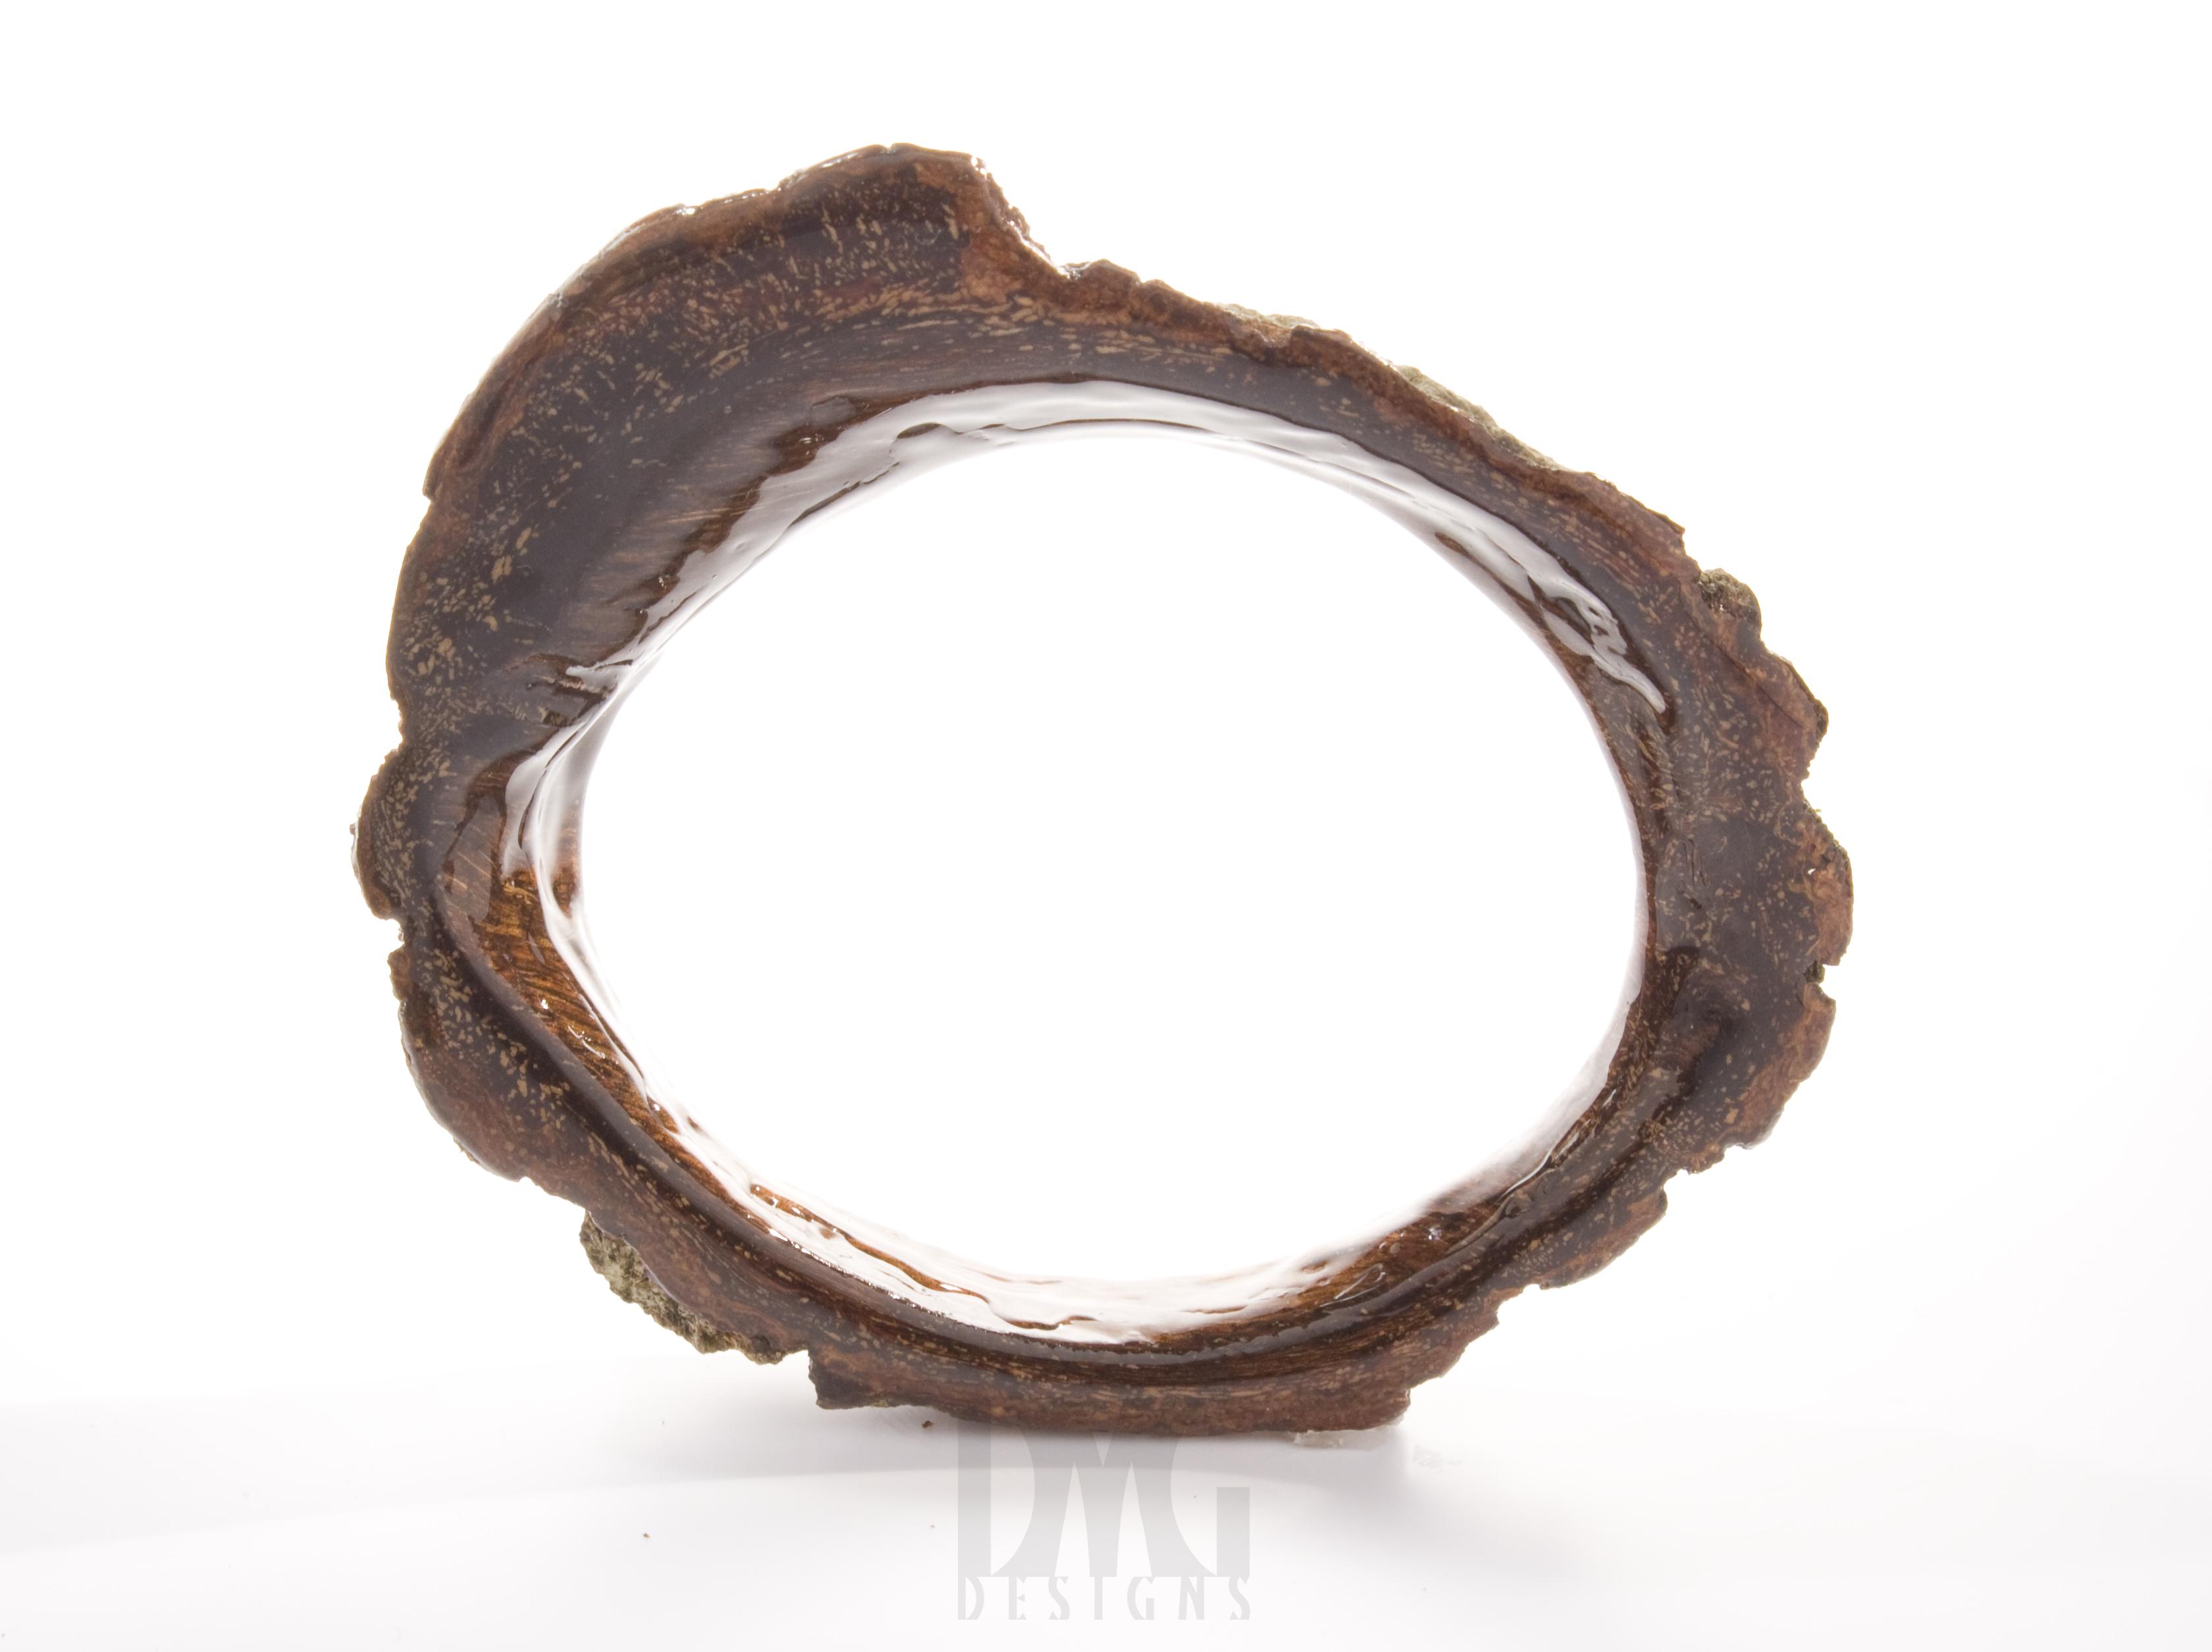 Natural Bark Cuff